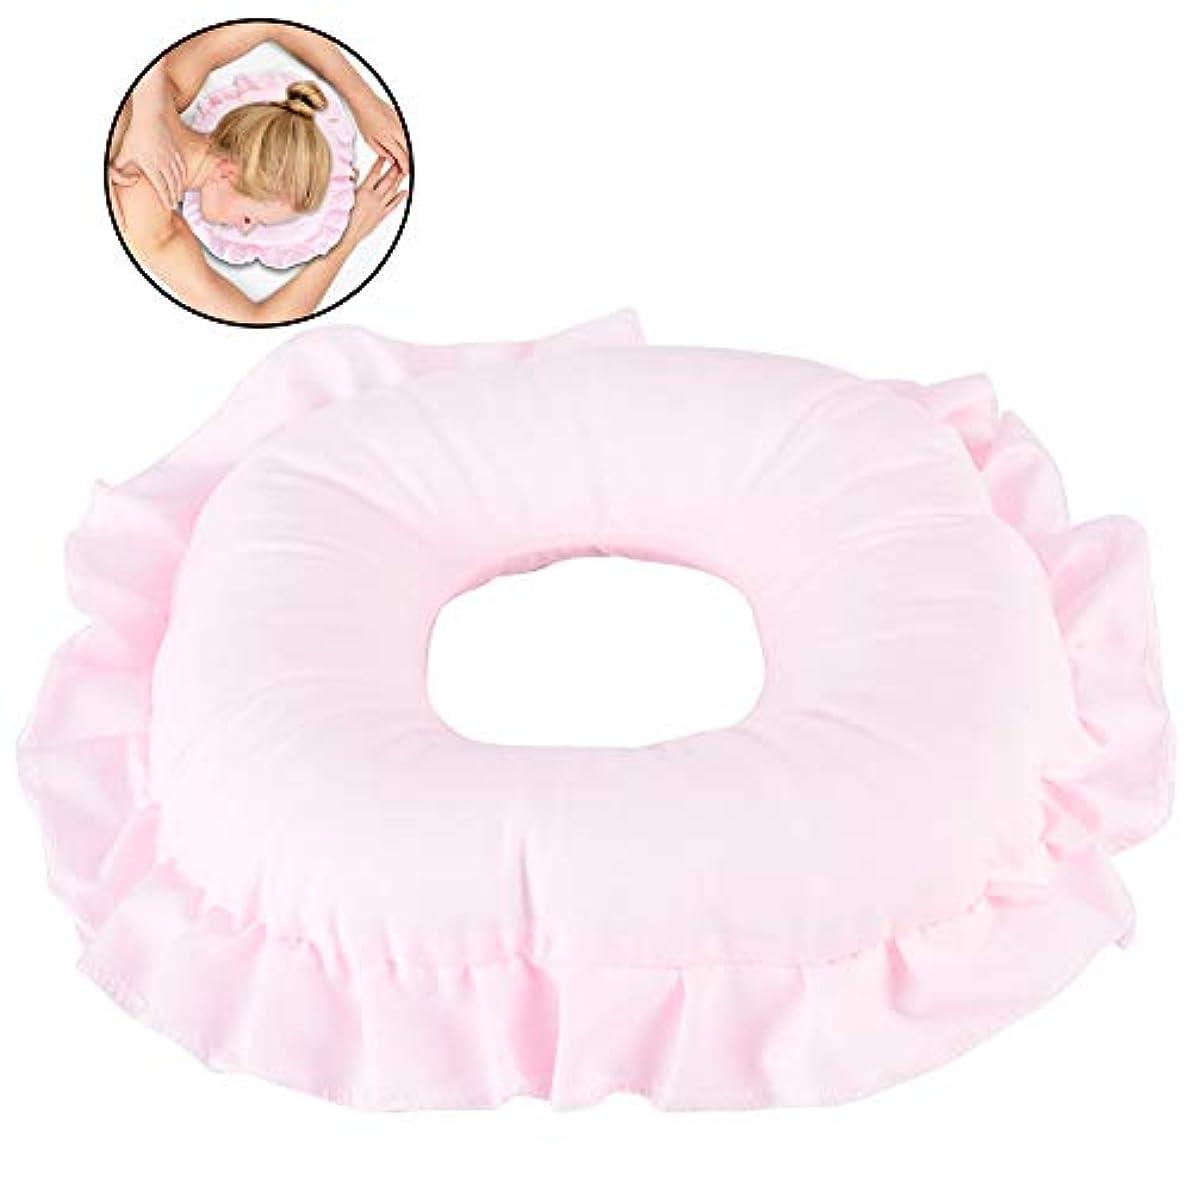 オリエンタル嬉しいです湖スパマッサージ枕、ポリエステル顔リラックスサロンケア中空枕仮眠クッション(ピンク)